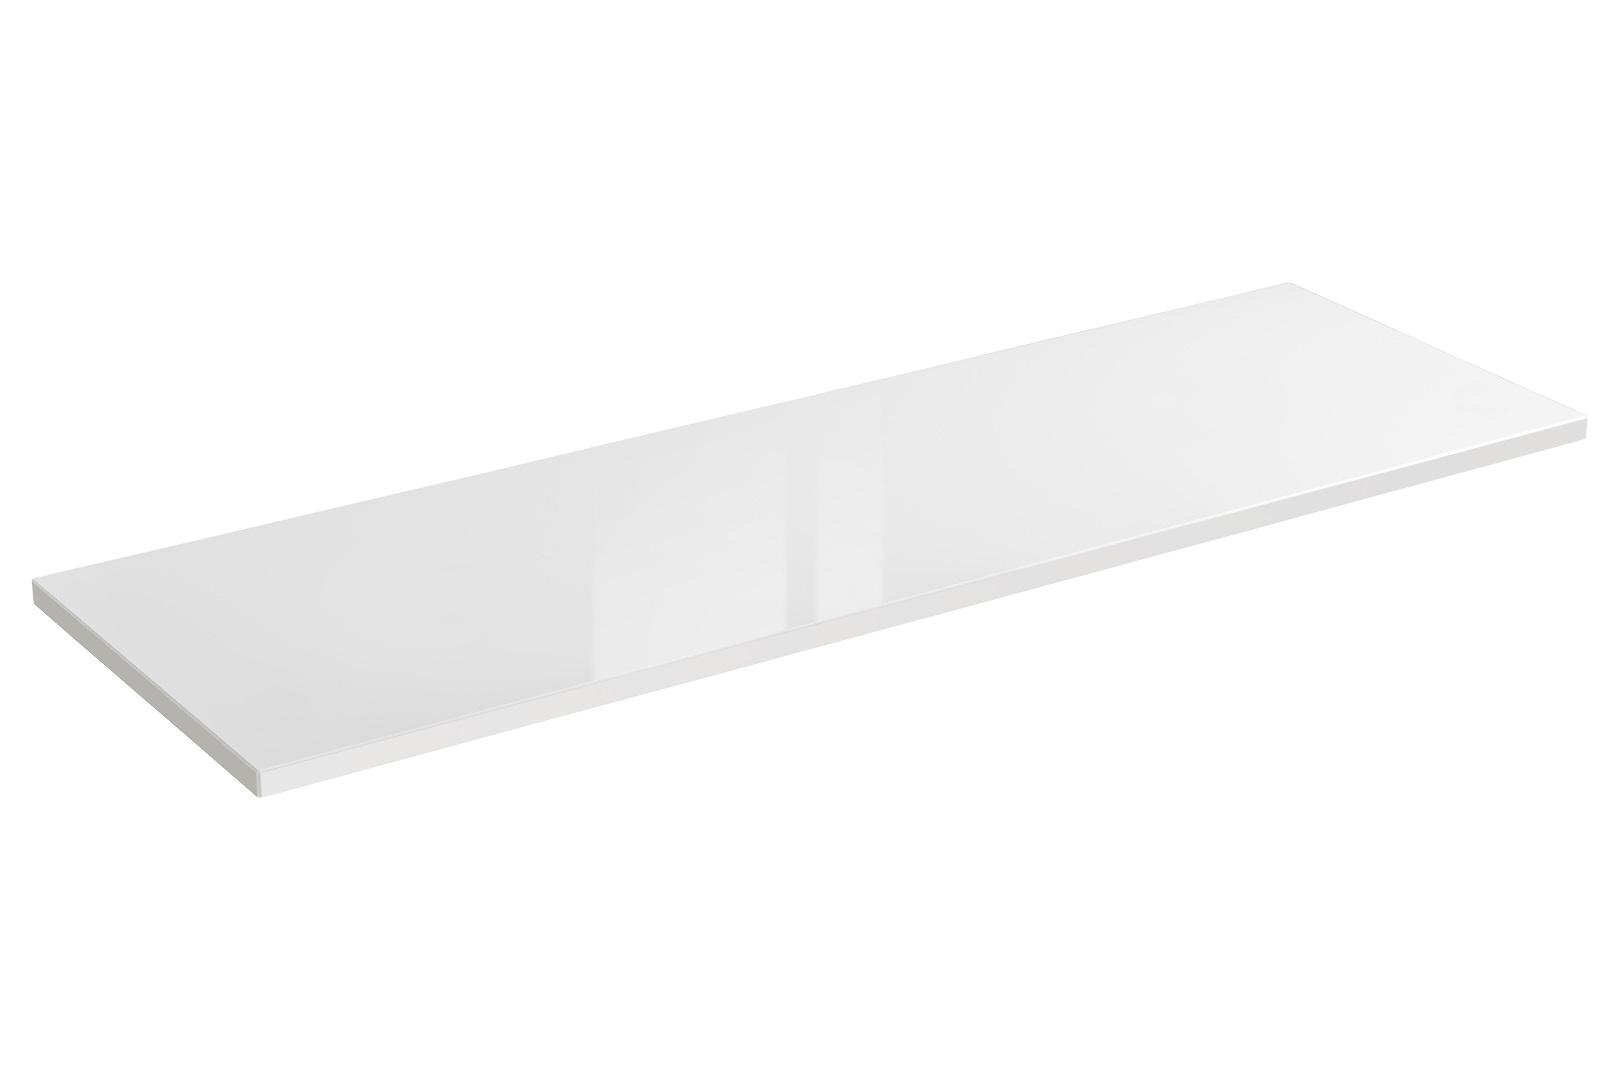 ArtCom Doska pod umývadlo Capri / biela Capri | biela: Doska pod umývadlo 893 - 140 cm